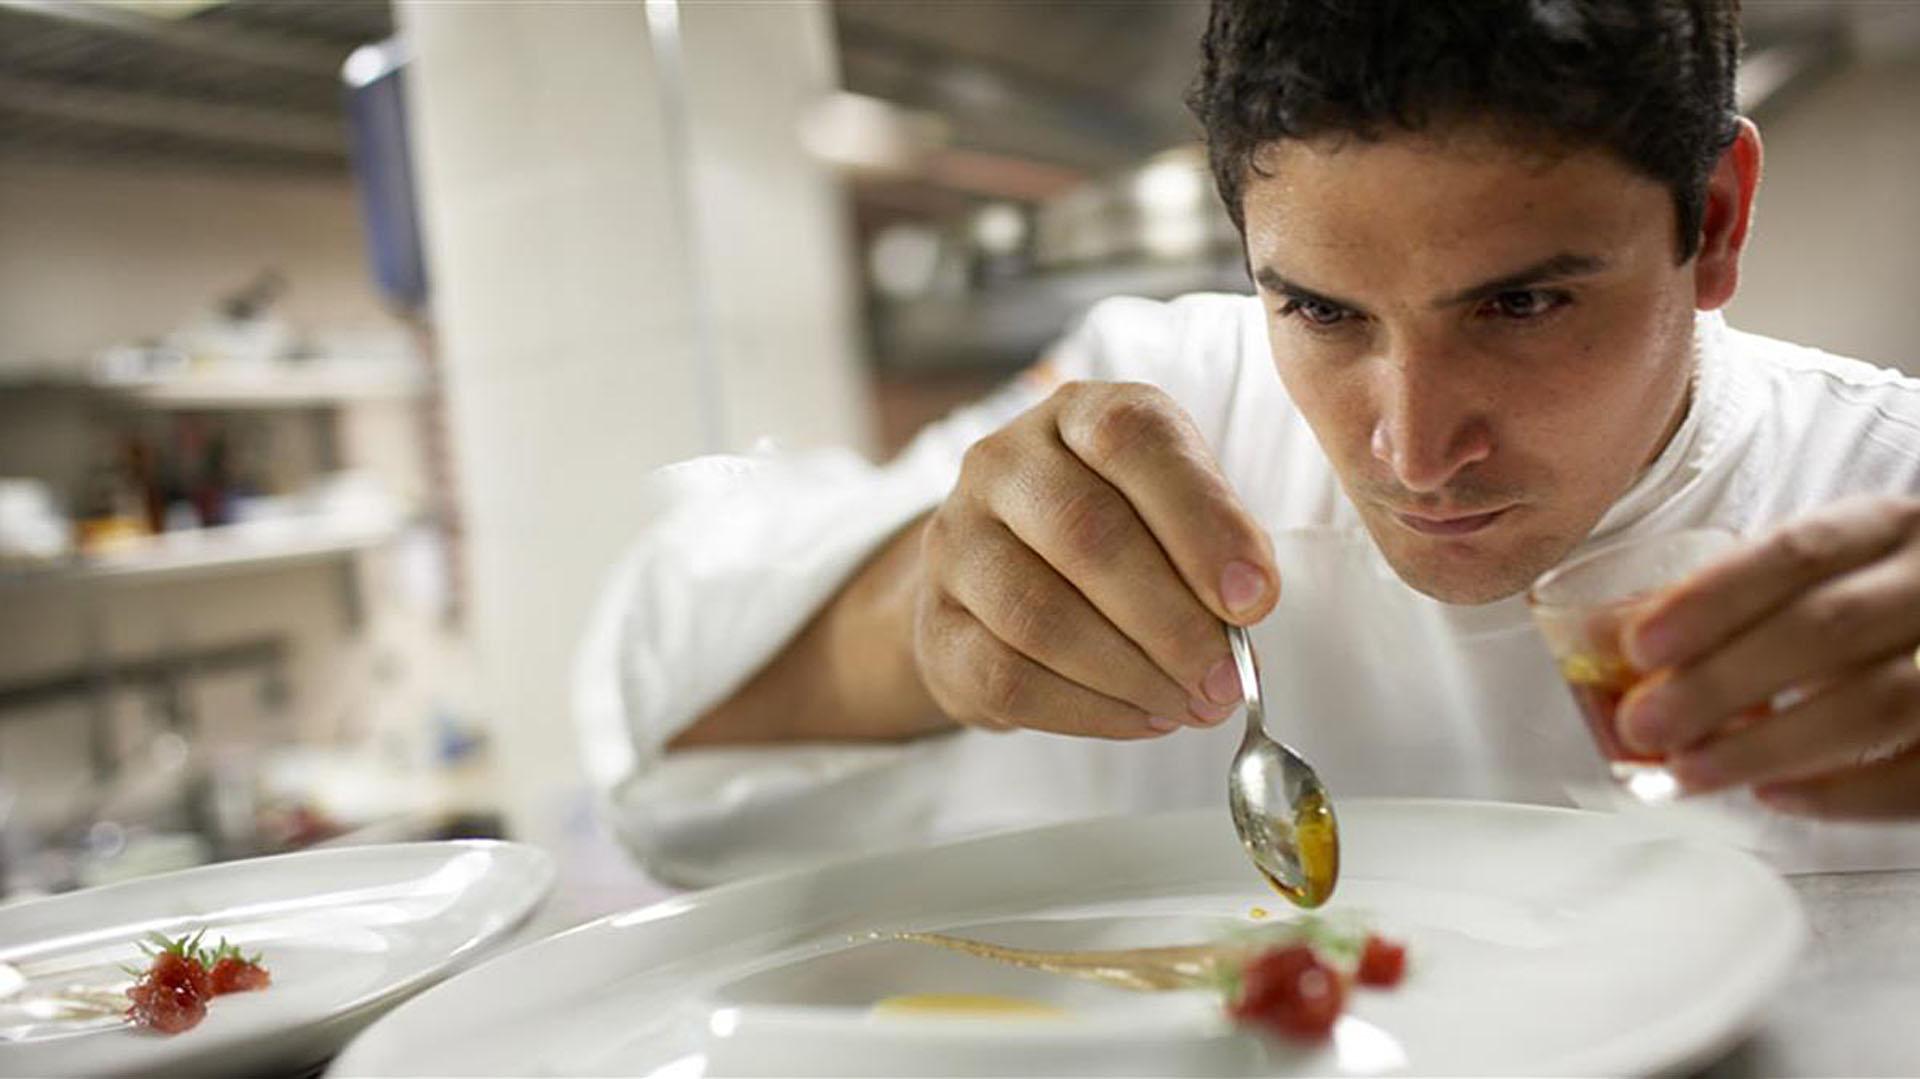 El chef oriundo de La Plata tiene su restaurante en la Costa Azul francesa y es el tercer mejorrestaurantedel mundo